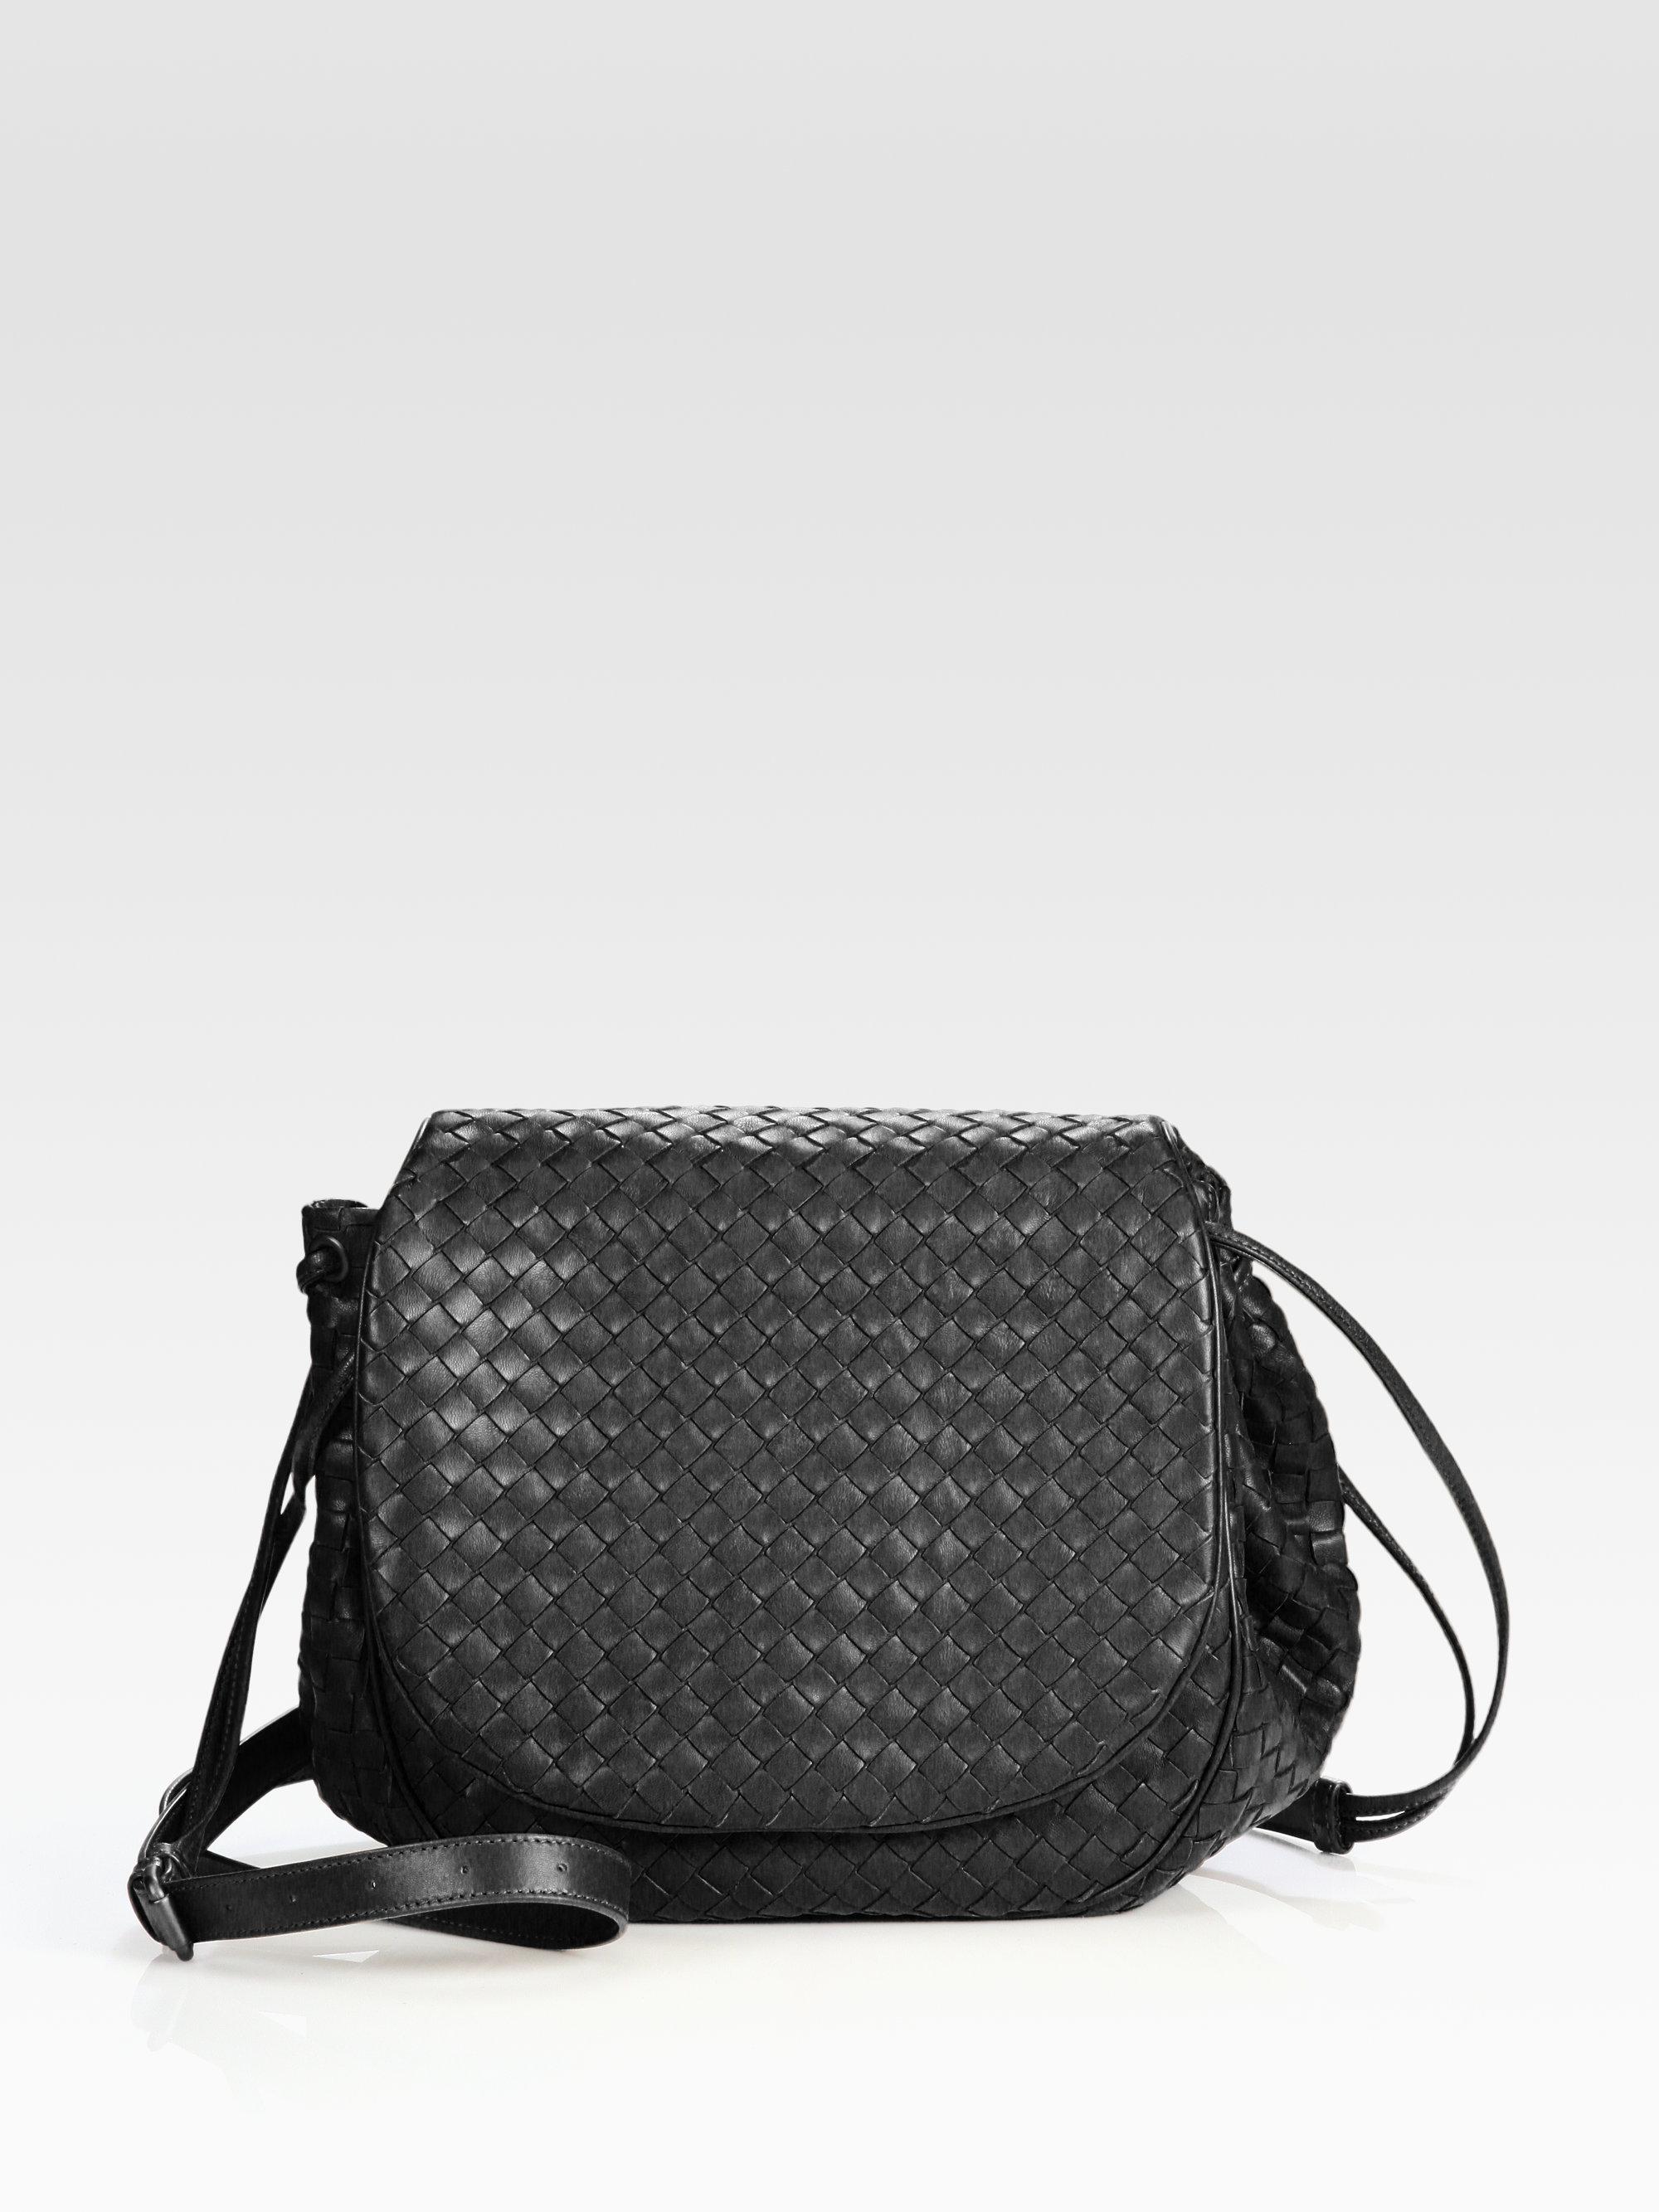 57f4270150 Bottega Veneta Flap Messenger in Black - Lyst